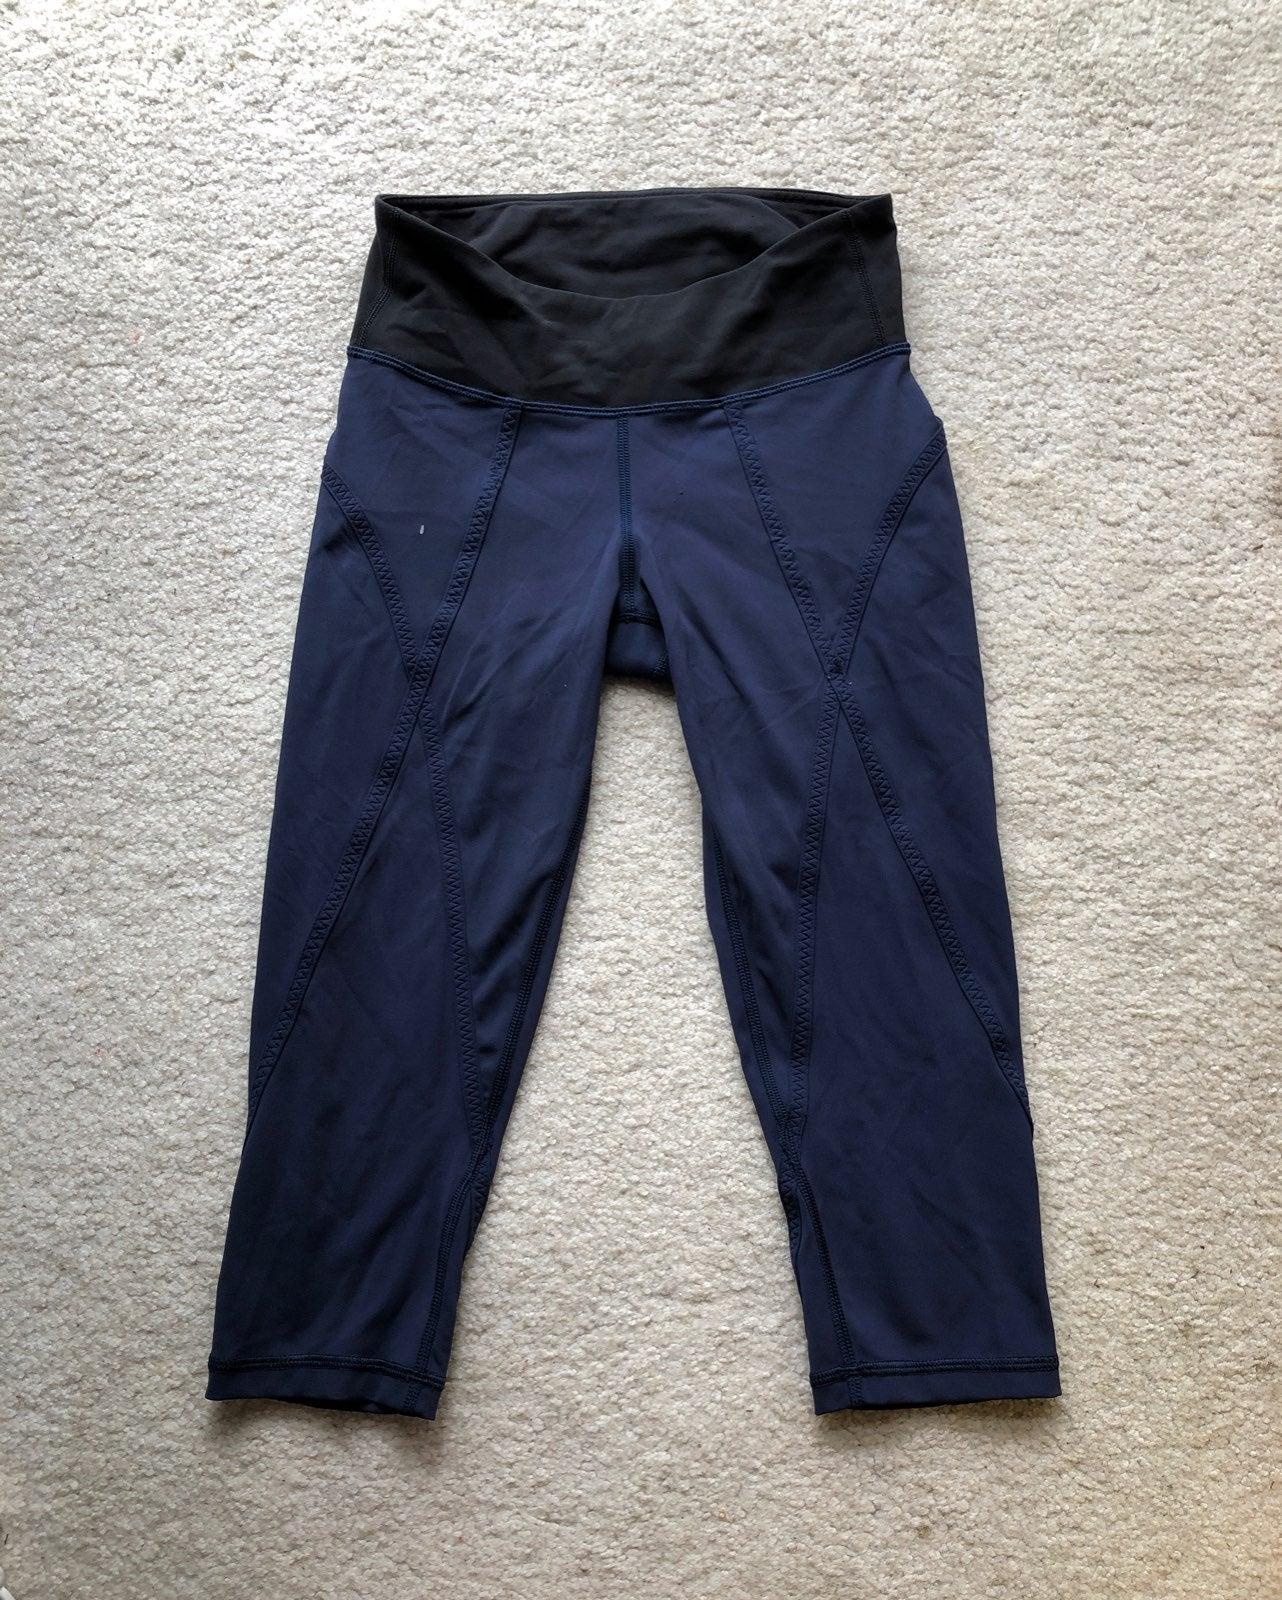 Lululemon Leggings - Size 4